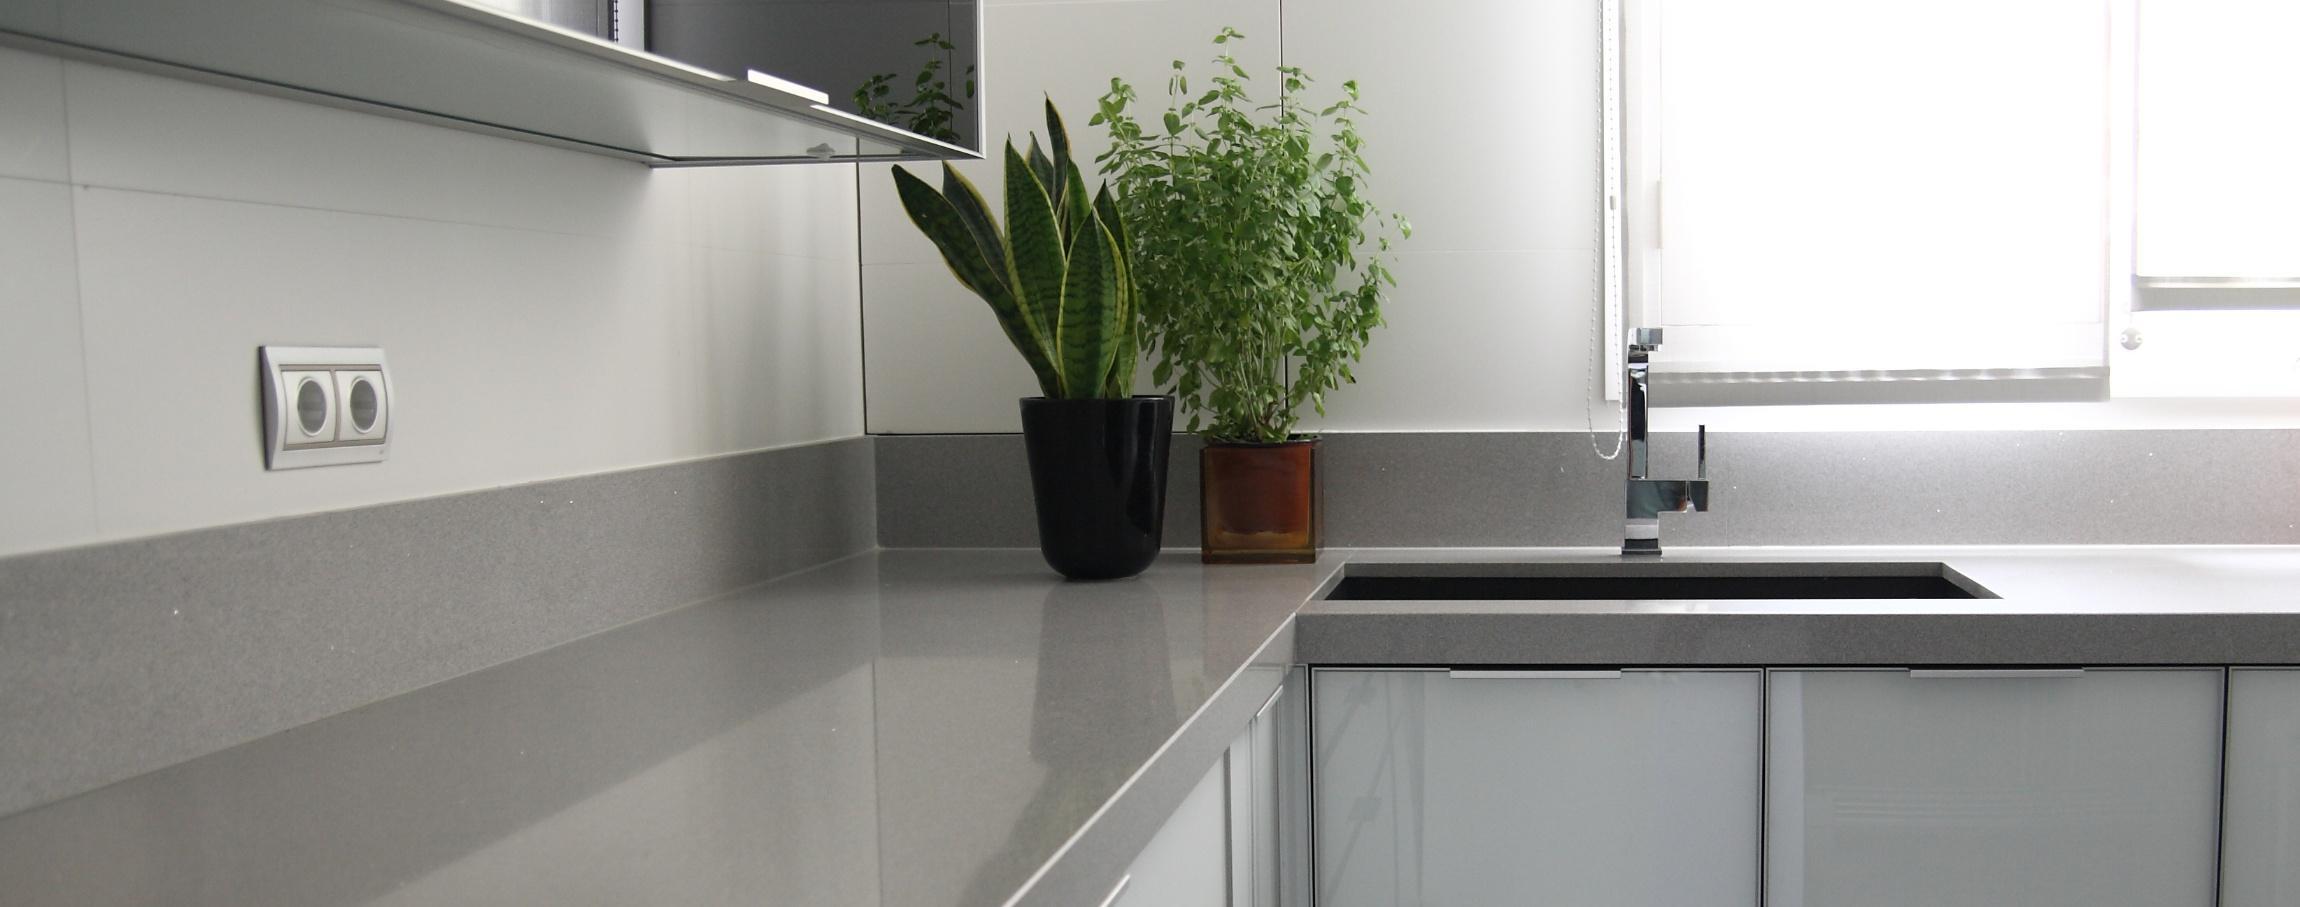 Muebles de cocina Davanni Madrid. Fabrica de mobiliario de cocina de ...